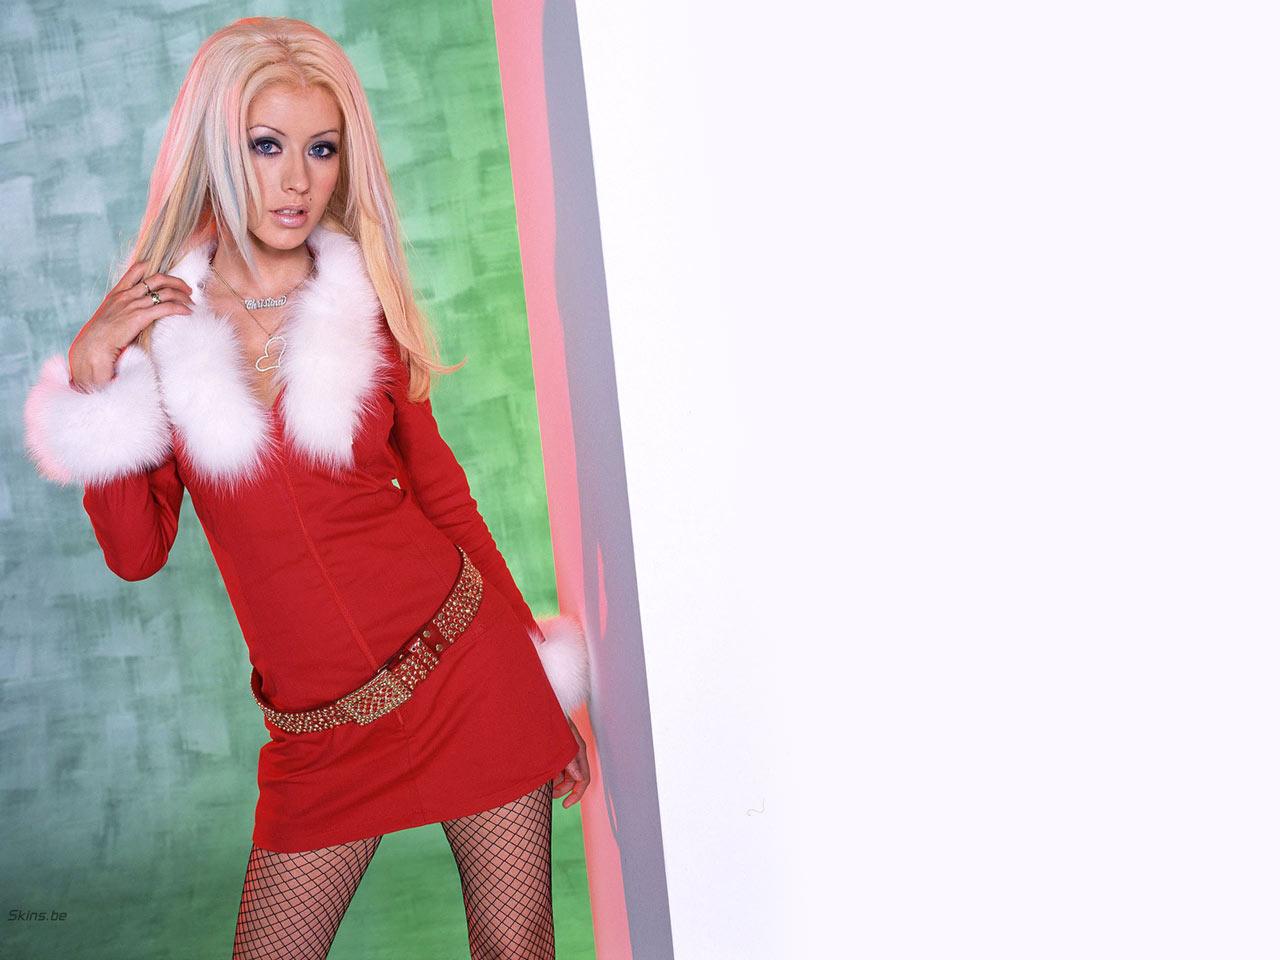 http://1.bp.blogspot.com/_ZelggTu08hA/TUO8sPmiaLI/AAAAAAAAI0g/DYAxmJGCyWU/s1600/Christina+Aguilera+%252852%2529.jpg